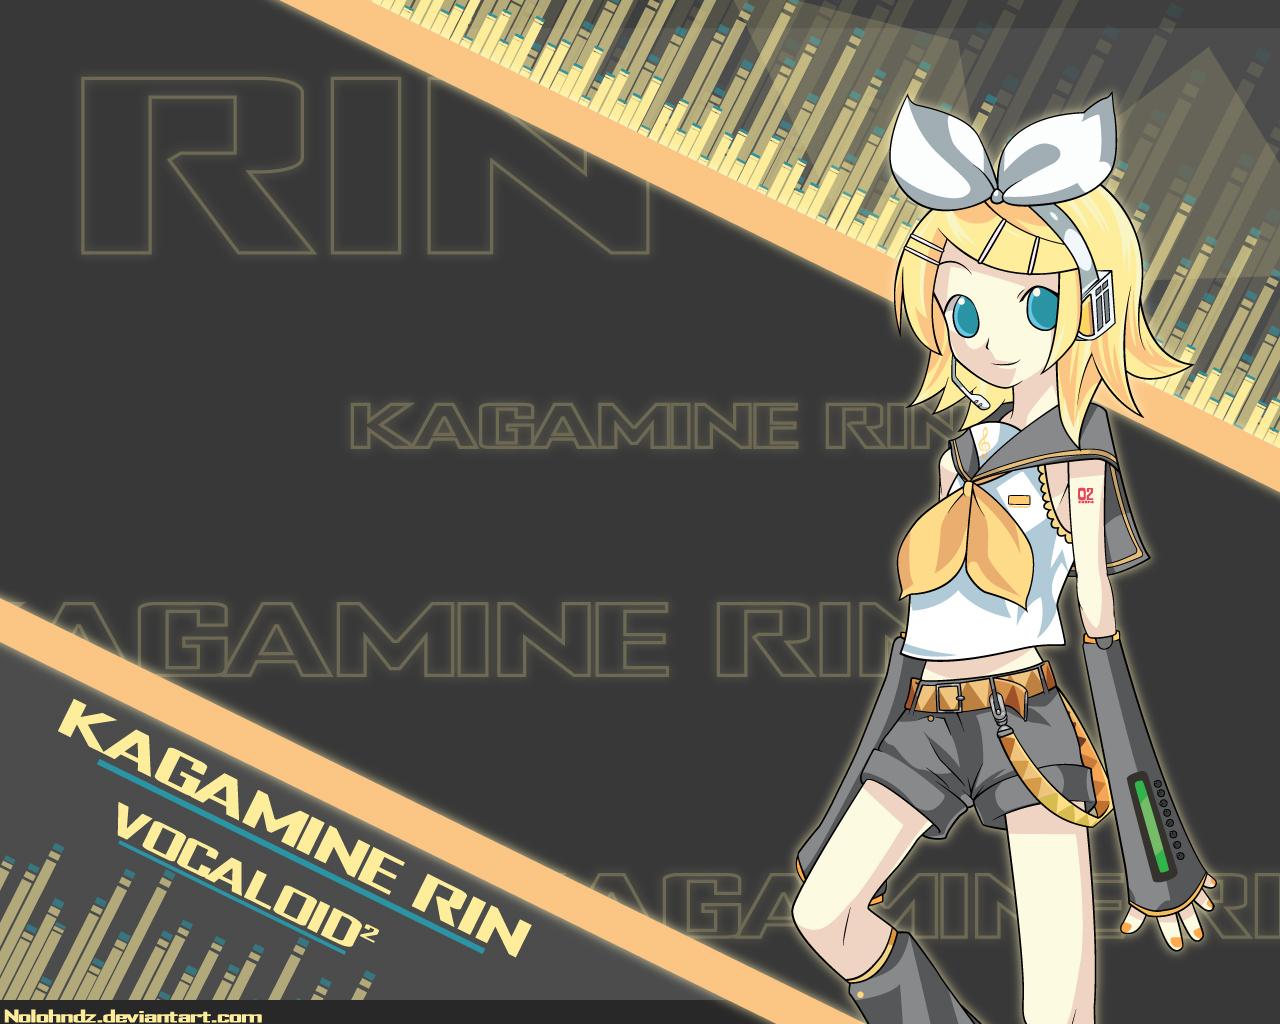 Imagenes de Vocaloid Kagamine_Rin__Vocaloid_2_by_Nolohndz